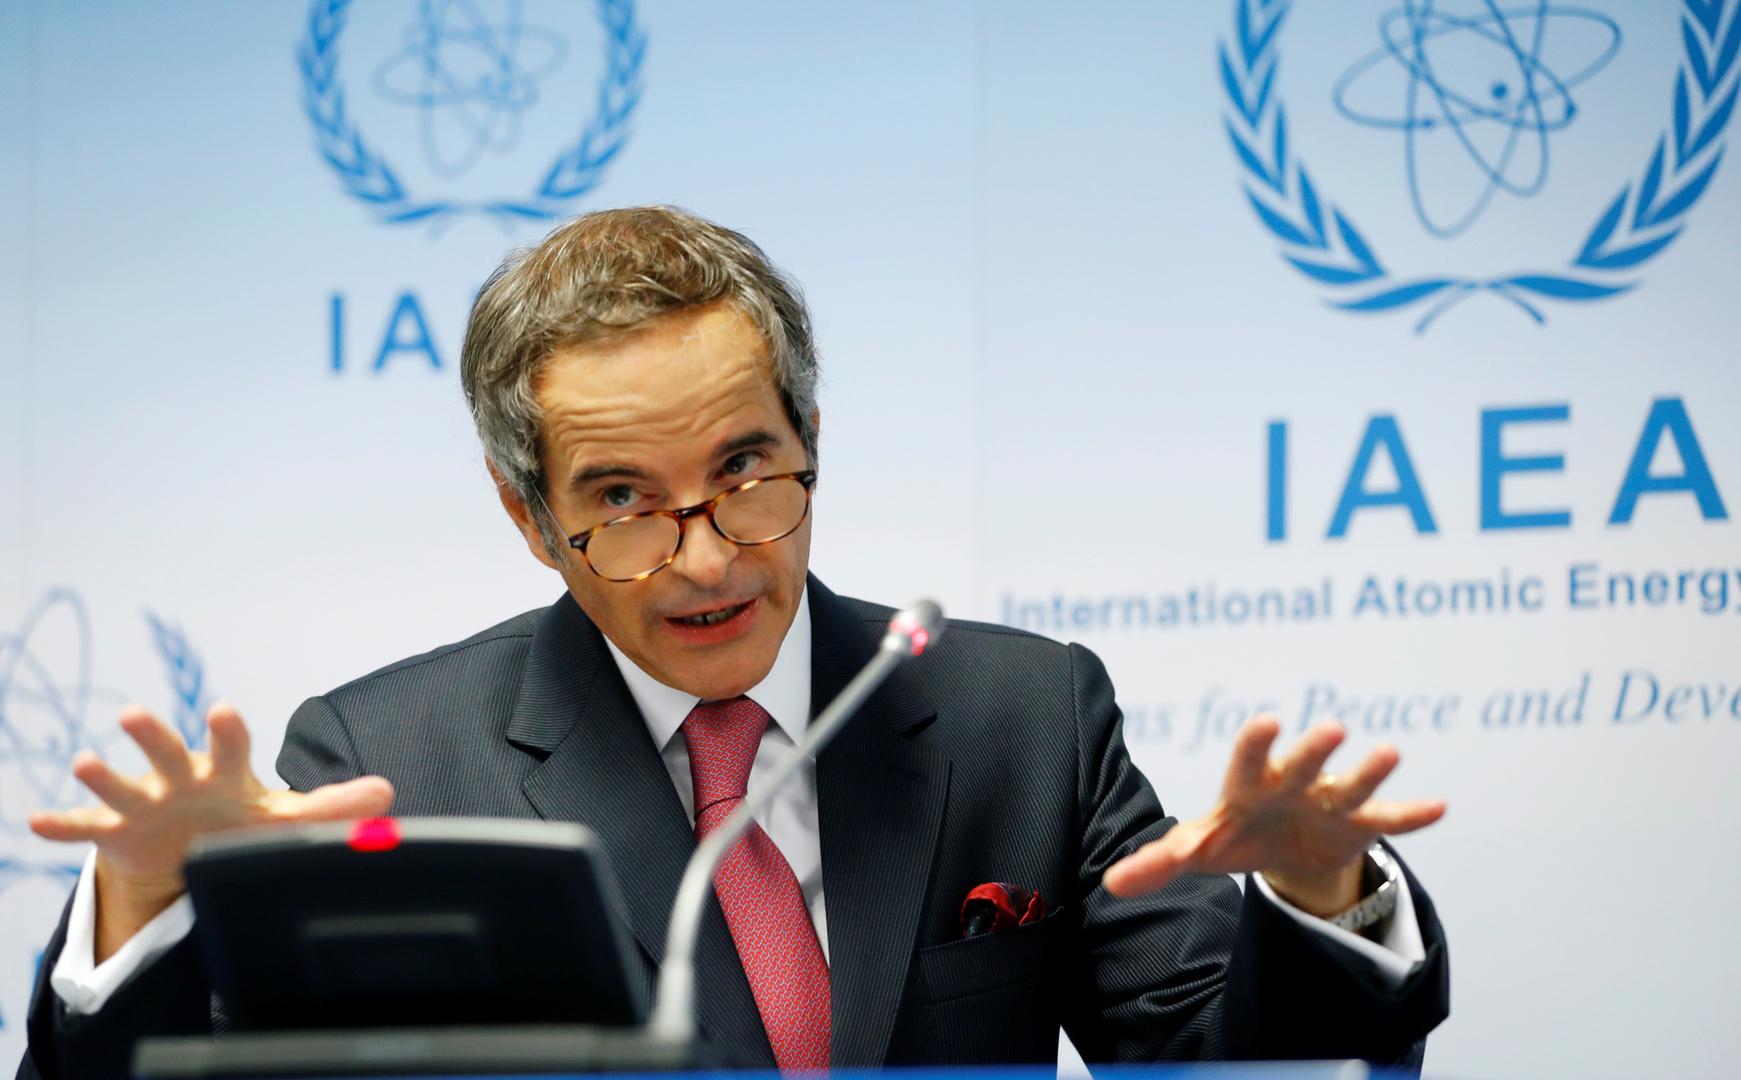 وسط توترات متصاعدة.. المدير العام للوكالة الدولية للطاقة الذرية يتوجه إلى إيران